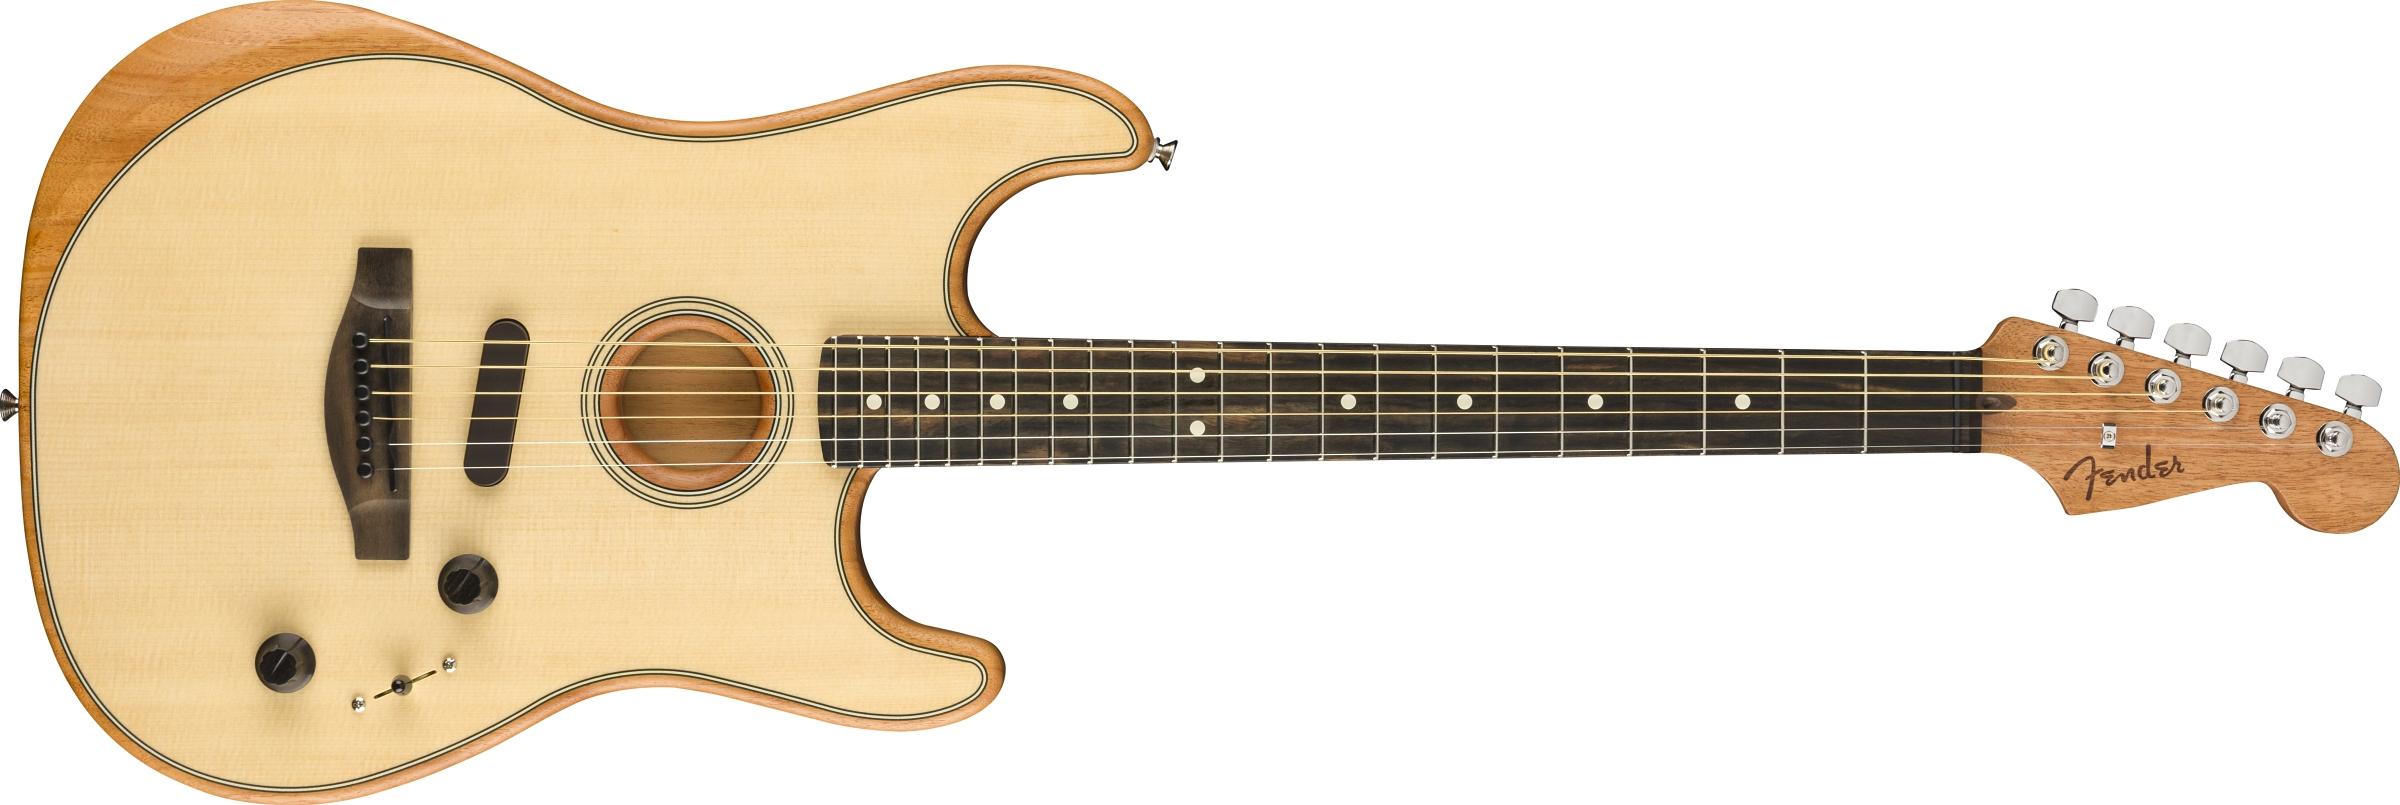 FENDER American Acoustasonic Strat Stratocaster EB Natural  0972023221 - Chitarre Chitarre - Acustiche